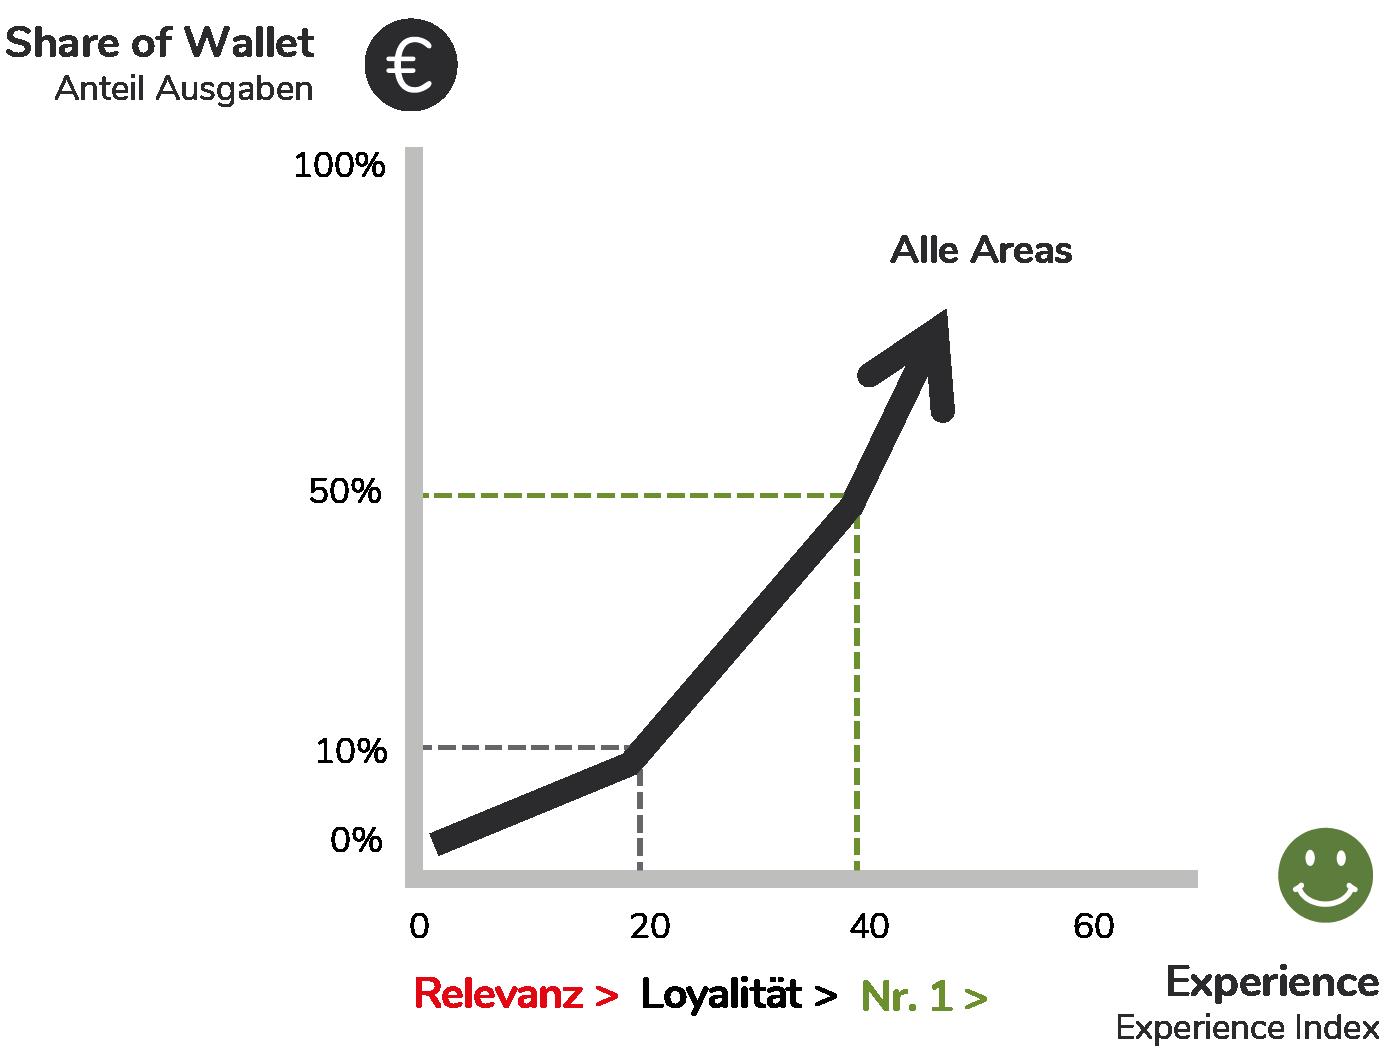 Zusammenhang Experience und Share of Wallet